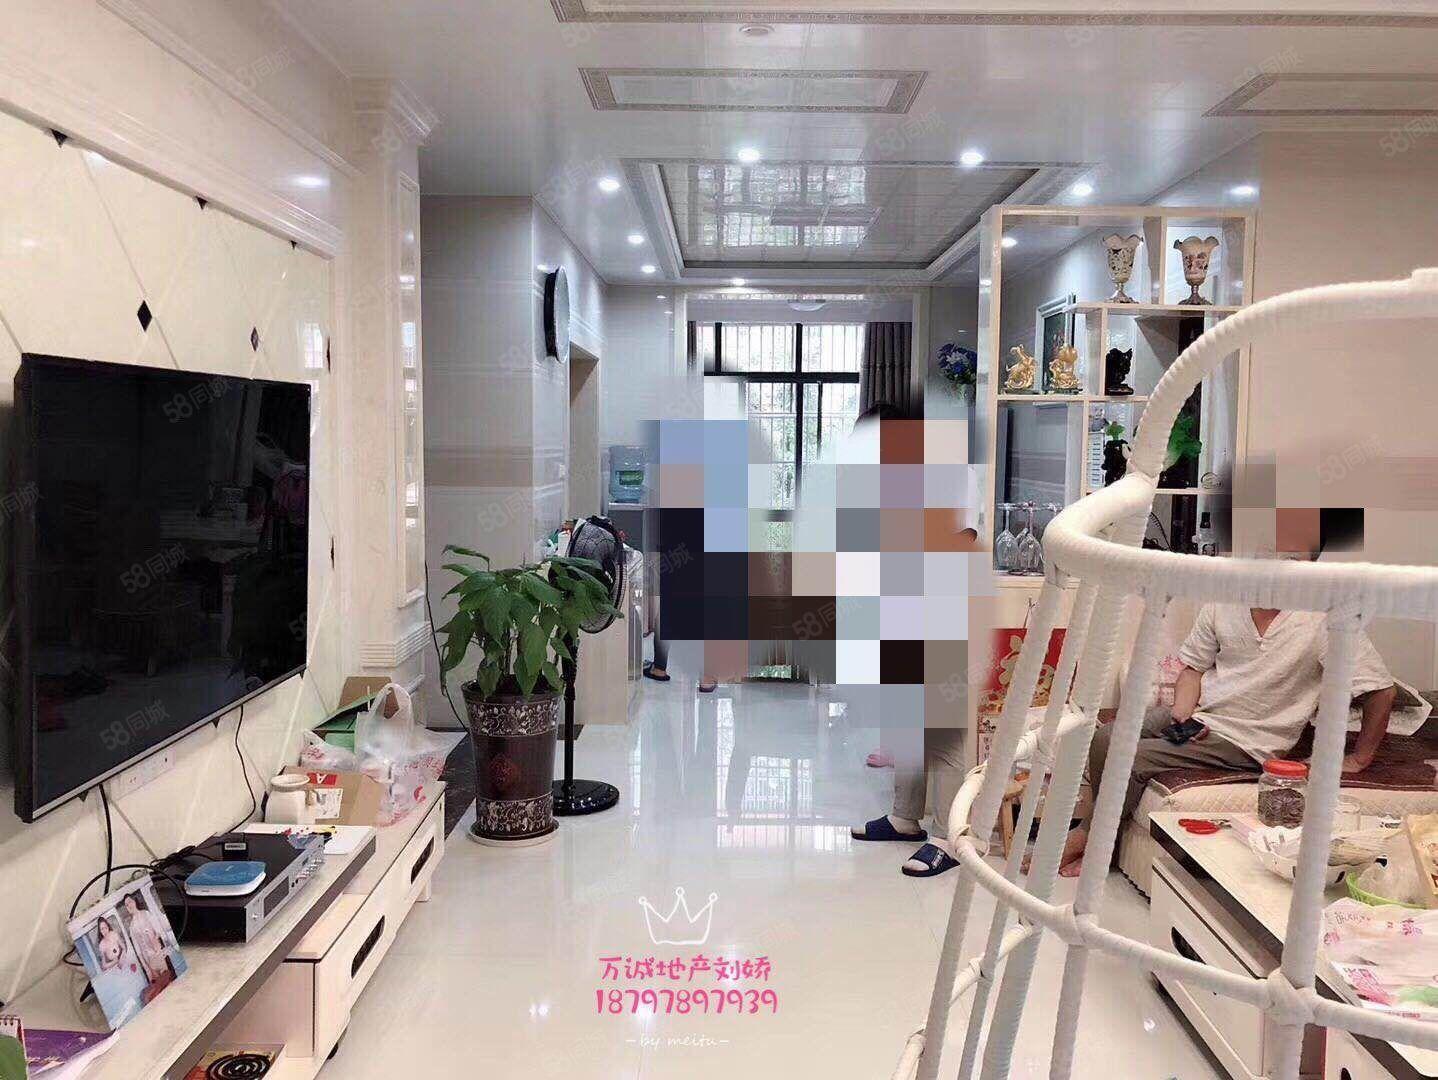 皇榜花城二楼精装修大三房带全套家具家电房东急售